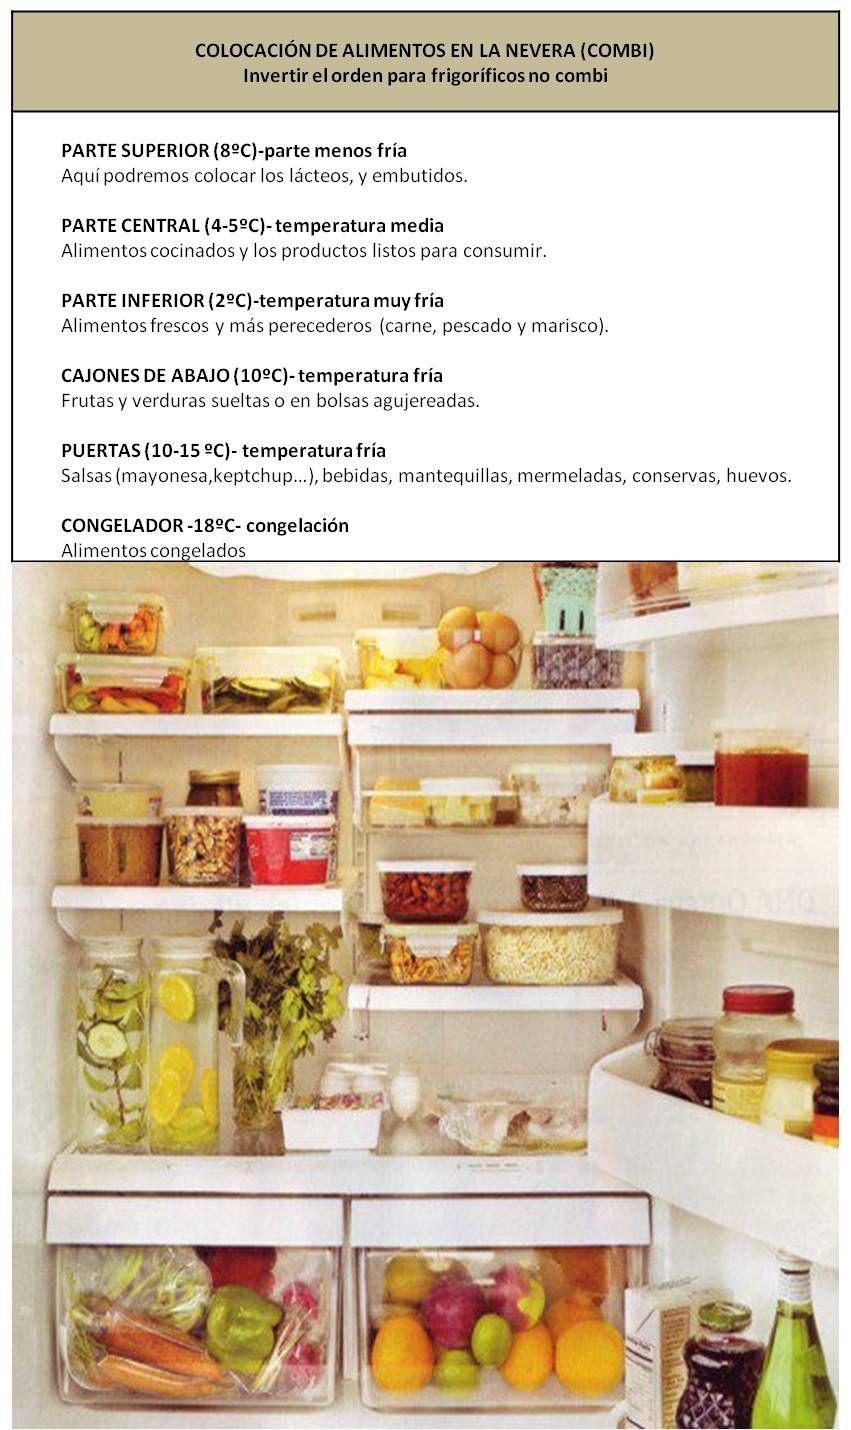 Como Ordenar Los Alimentos En La Nevera Organizar La Nevera Organizacion De Nevera Nevera Saludable